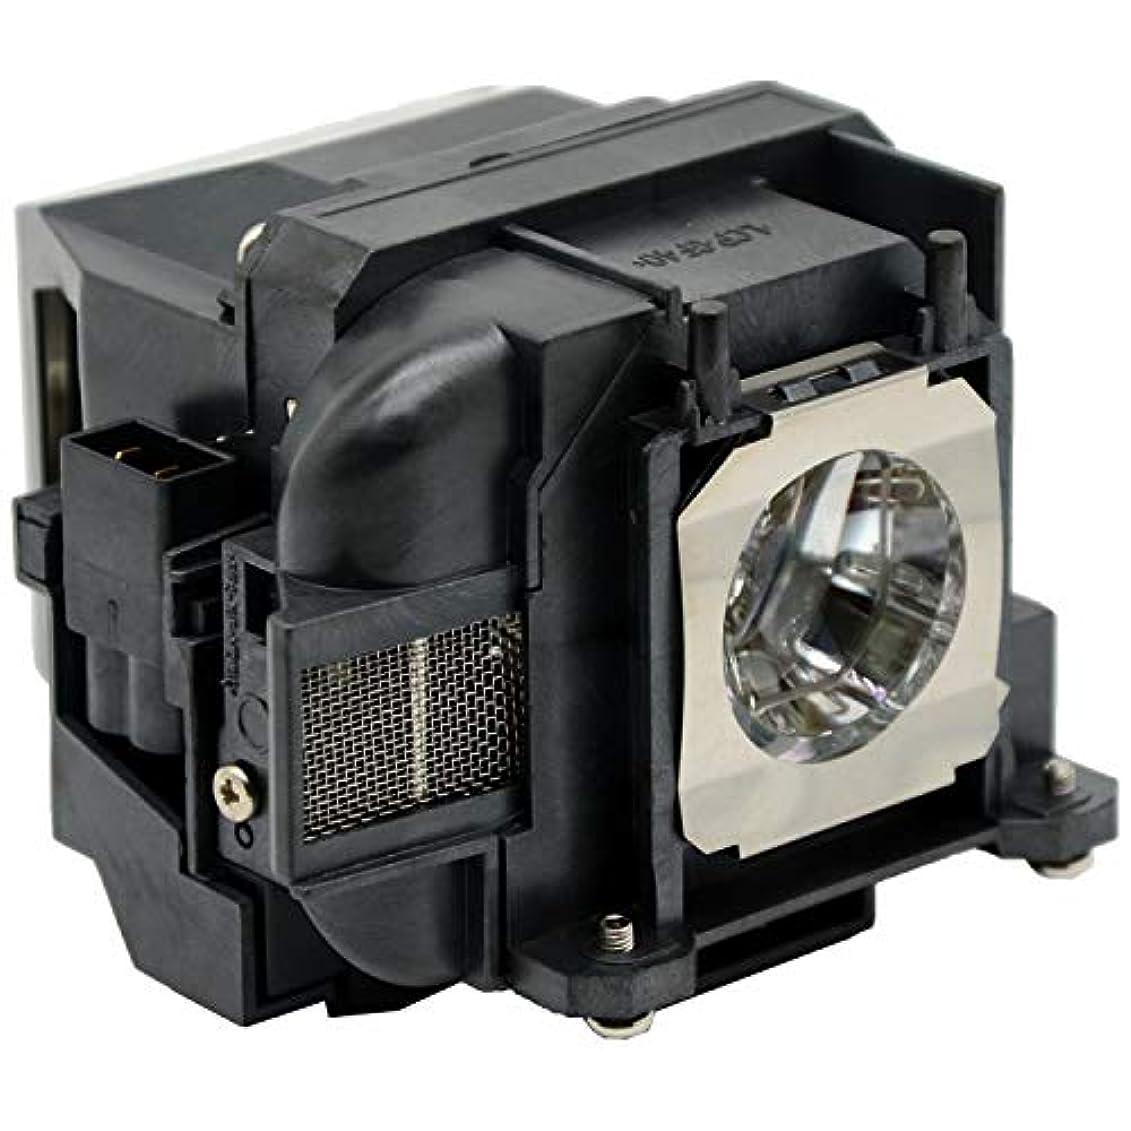 オート観光に行く競争力のあるEachLight プロジェクター交換用ランプ【100%新品】ELPLP78 V13H010L78 互換性 EPSON エプソン EB-940 EB-950W EB-950WV EB-965 EB-965C5 EB-S03 EB-S18 EB-S18C5 EB-S18C6 EB-W18 EB-W18C5 EB-W28 EB-W28C6 EB-X18 EB-X18C5 EB-X18C6 EB-X24 EB-X24C5 EB-X24C6 EH-TW410 EH-TW5200 EH-TW5200S EH-TW530 EH-TW530S に適応【ケース付き/高品質バルブ採用】